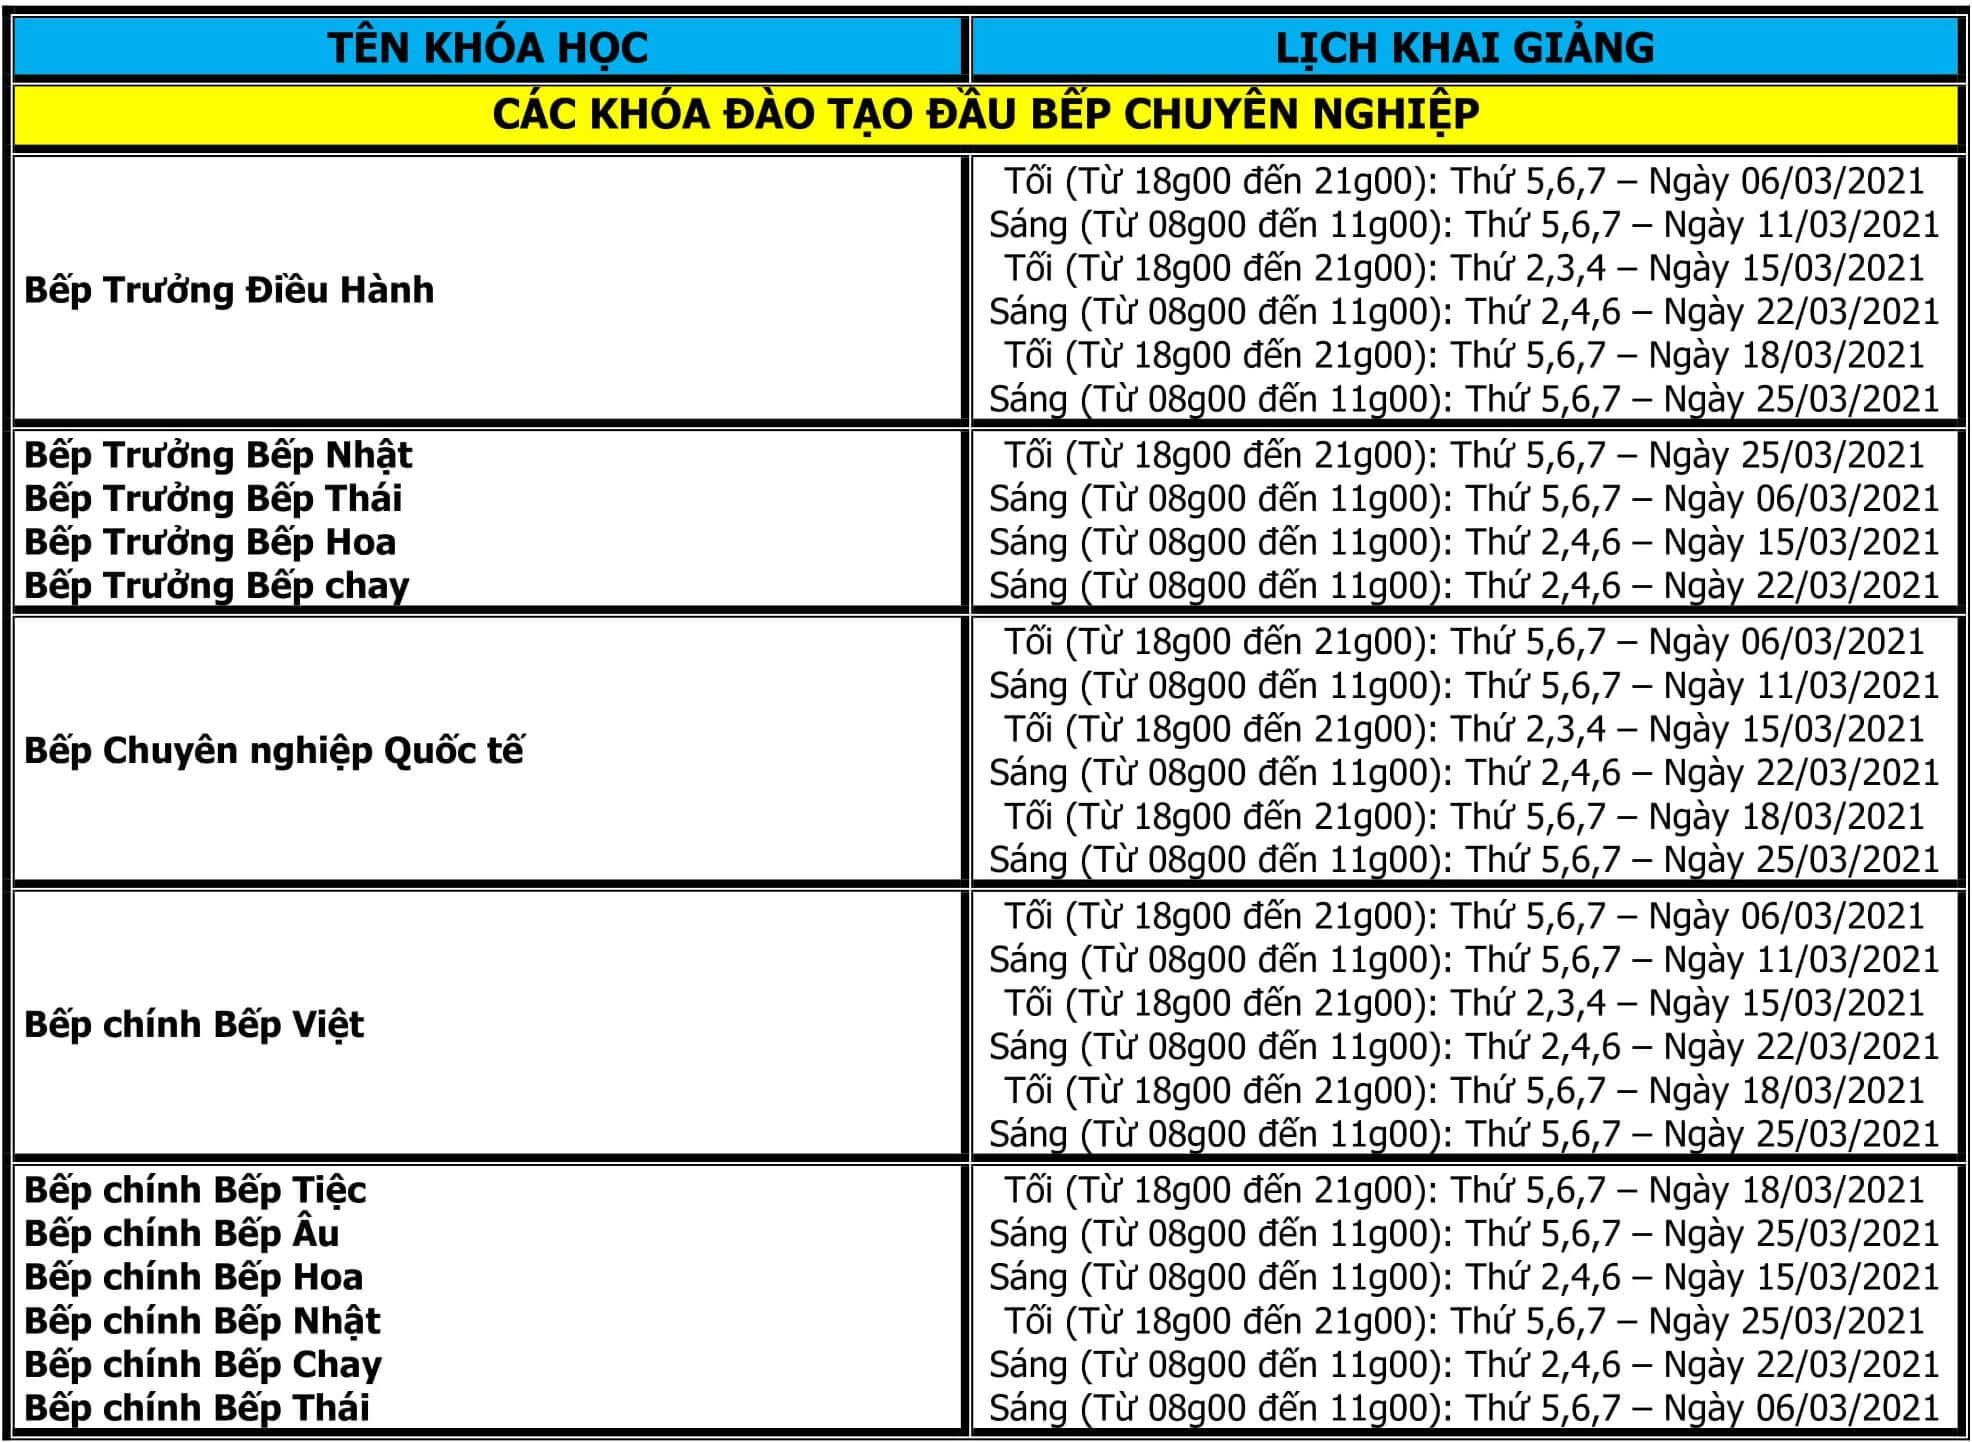 LICH KHAI GIANG KIEN GIANG-1